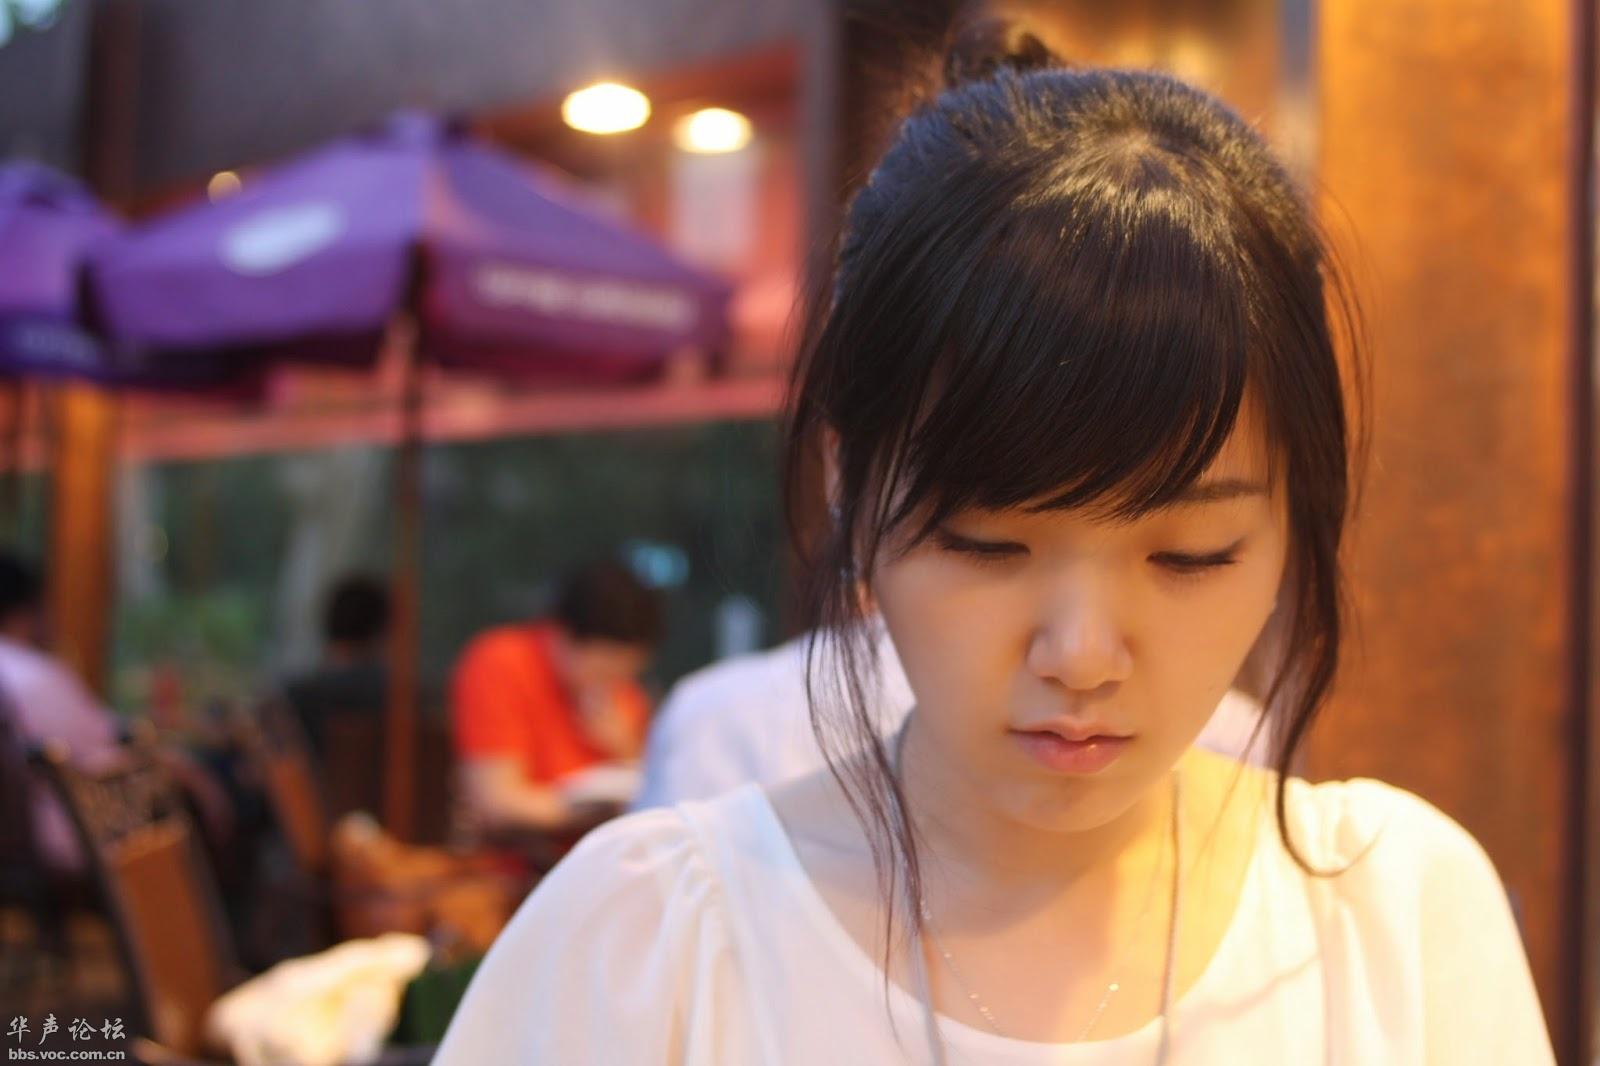 韩国女孩 Couple Enjoy - 网友自拍 - 华声论坛